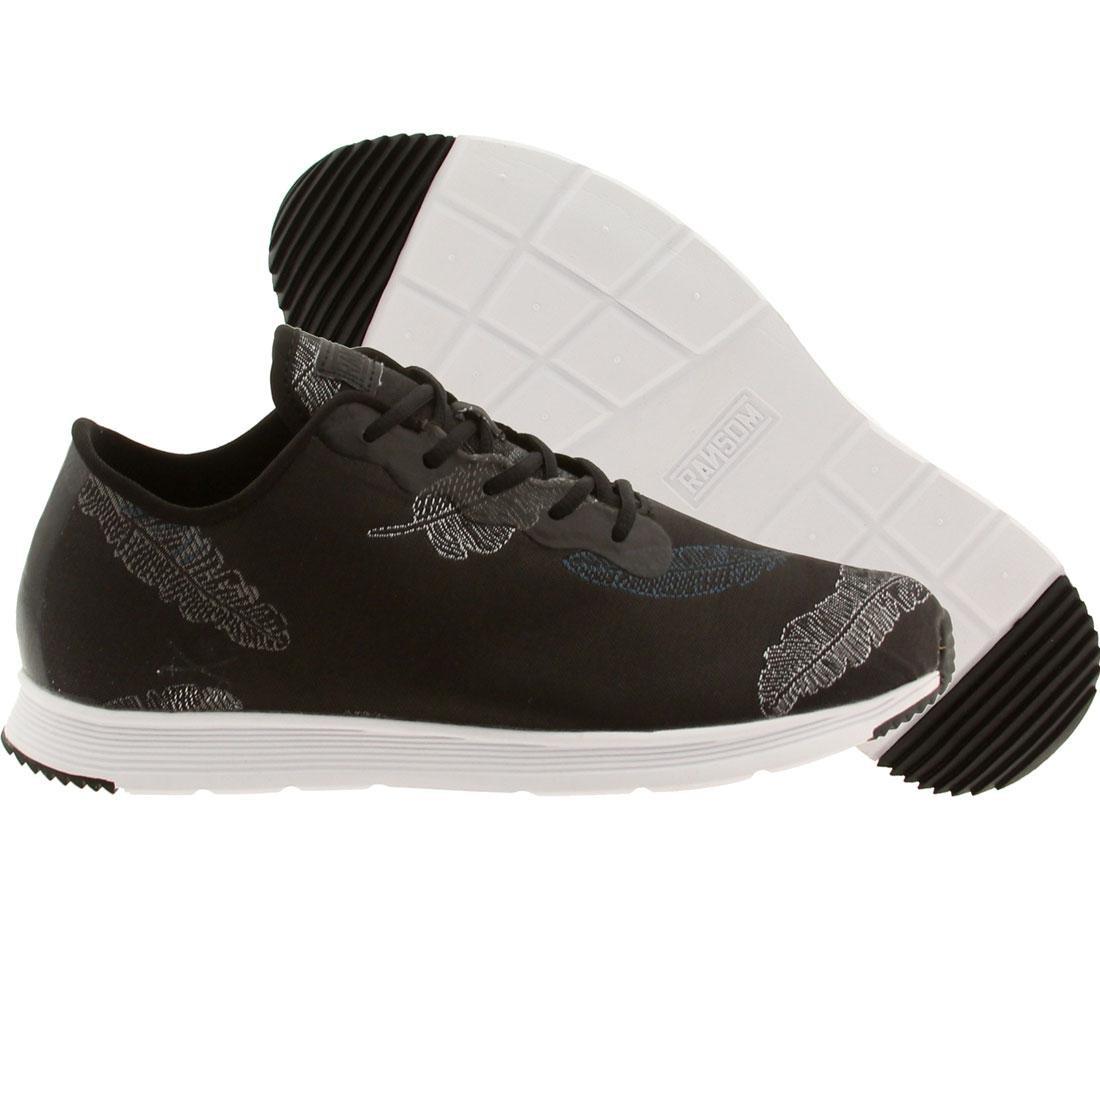 【海外限定】ランサム フィールド ライト 黒 ブラック 靴 スニーカー 【 FIELD BLACK RANSOM MEN LITE FEATHER WHITE 】